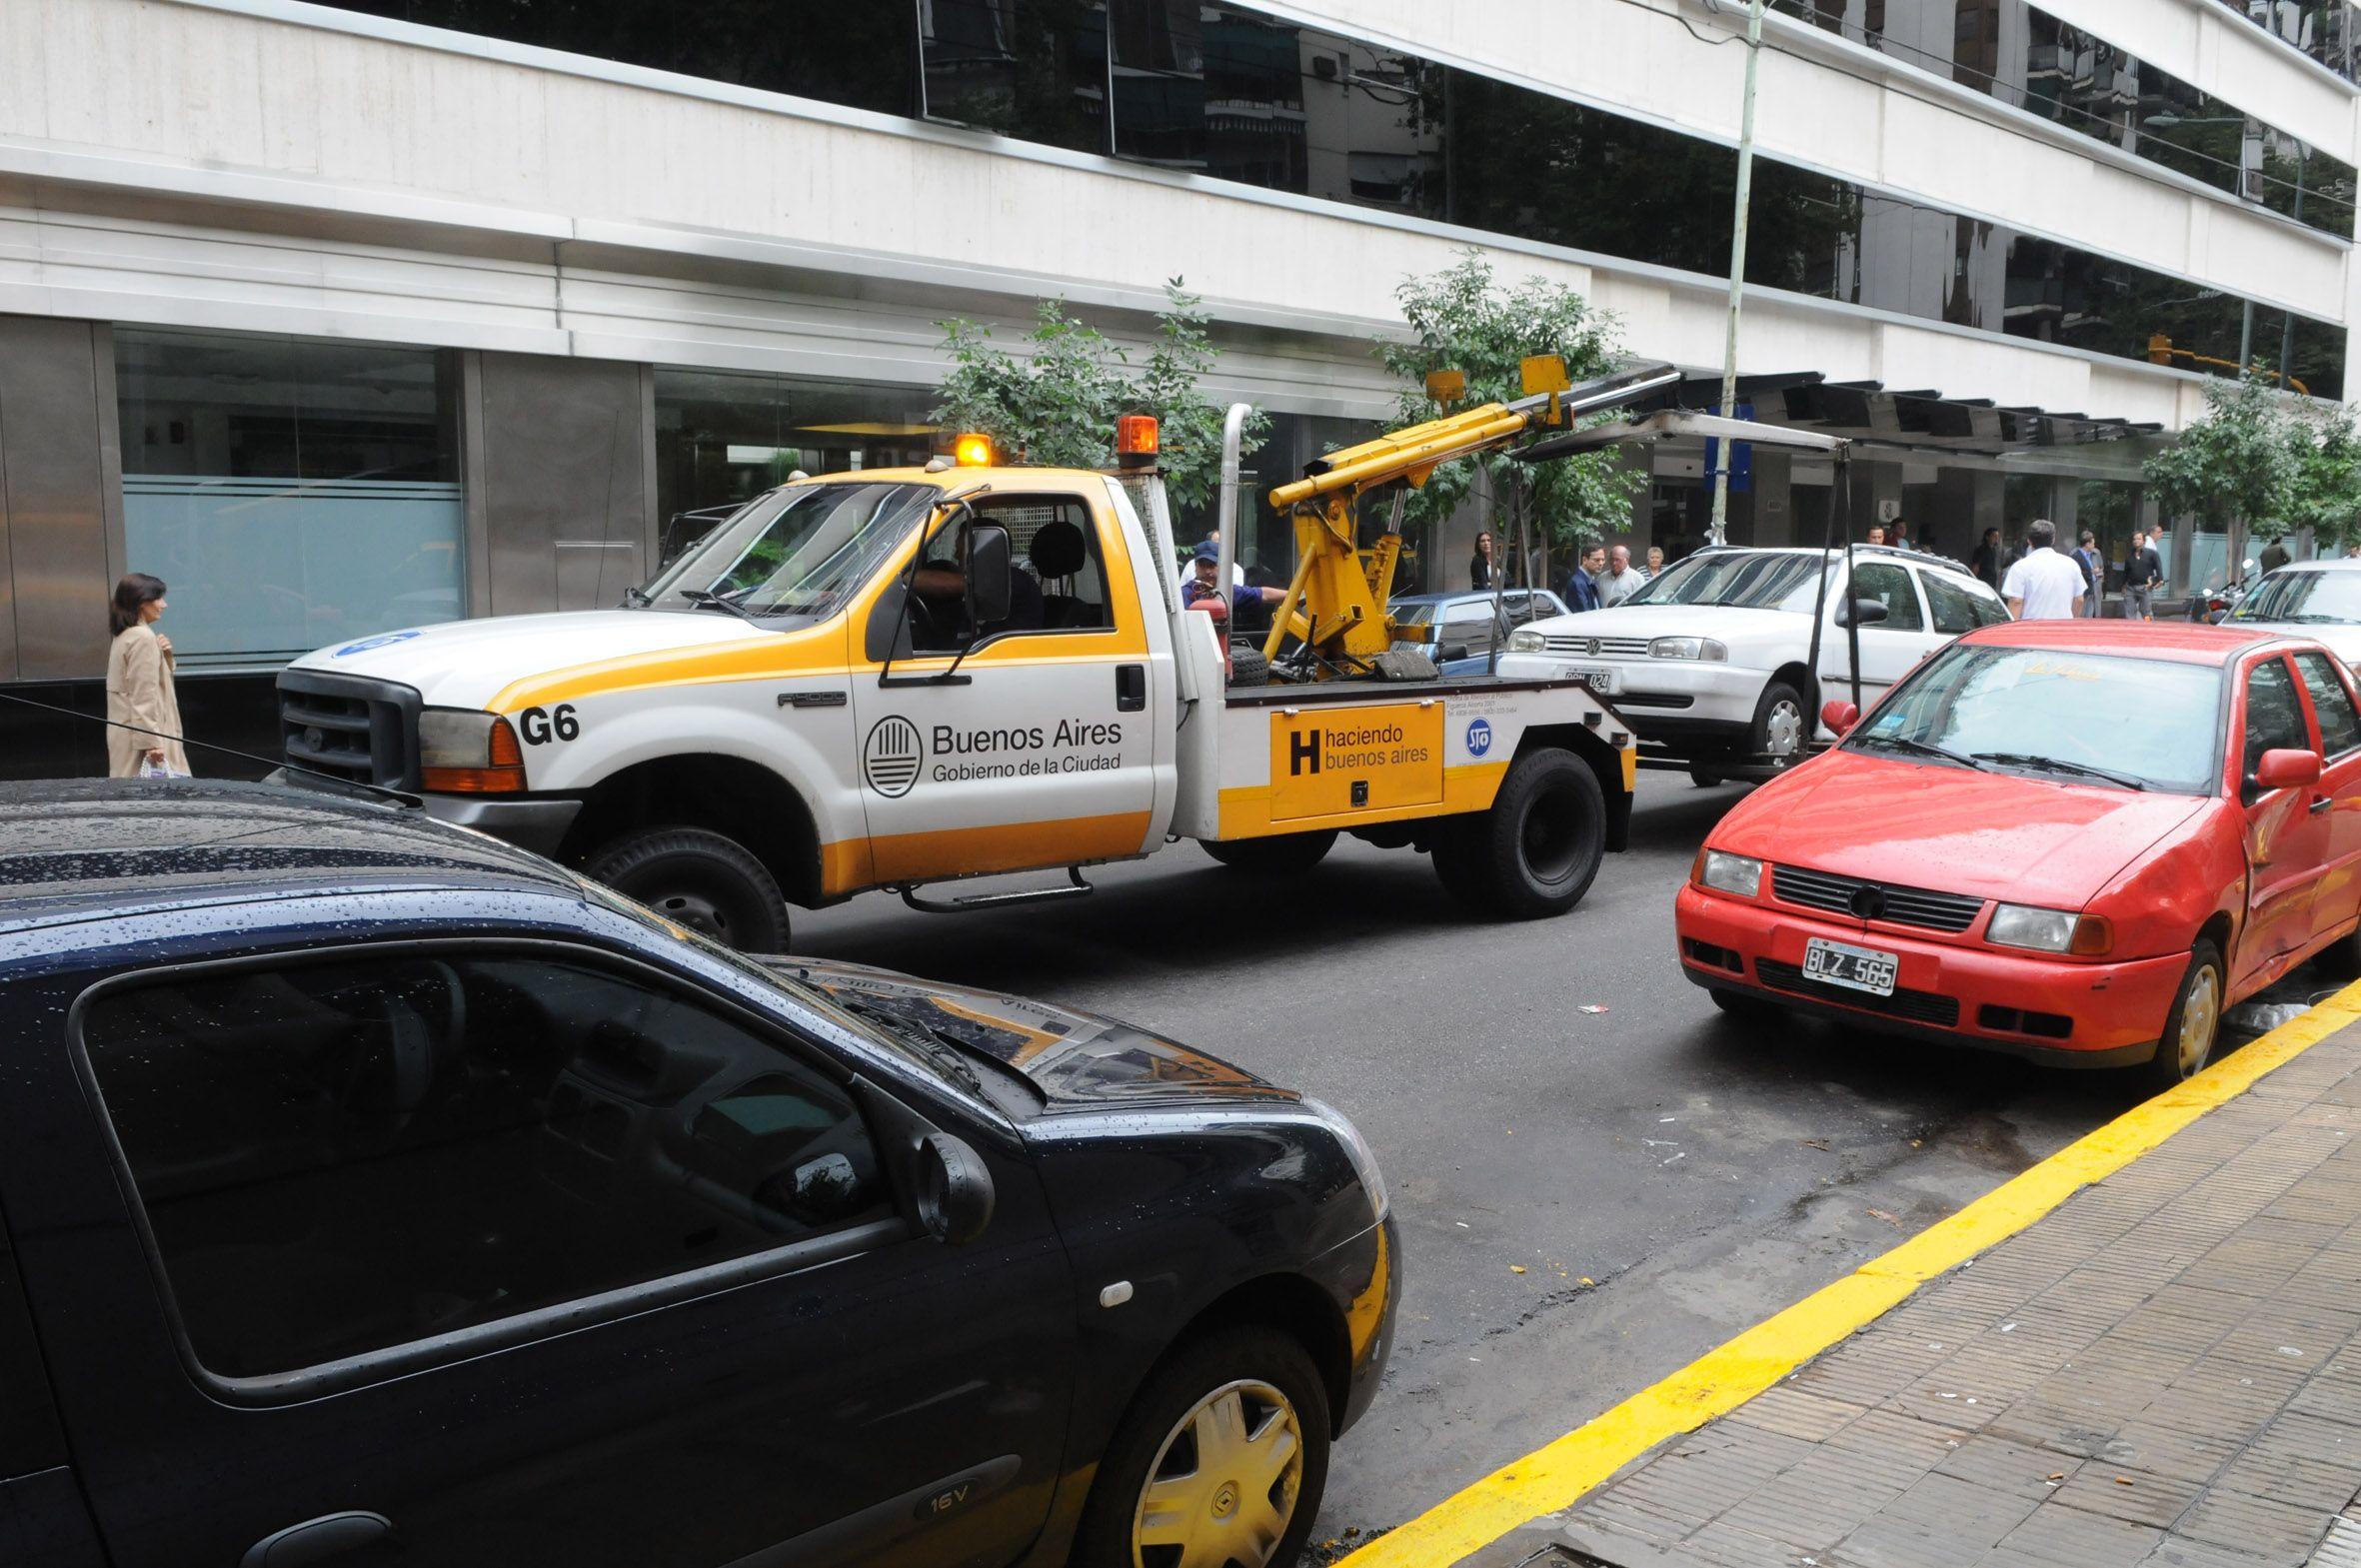 Grúas: el acarreo sube a $750 y proponen llevar la ficha de parquímetro a 8 pesos